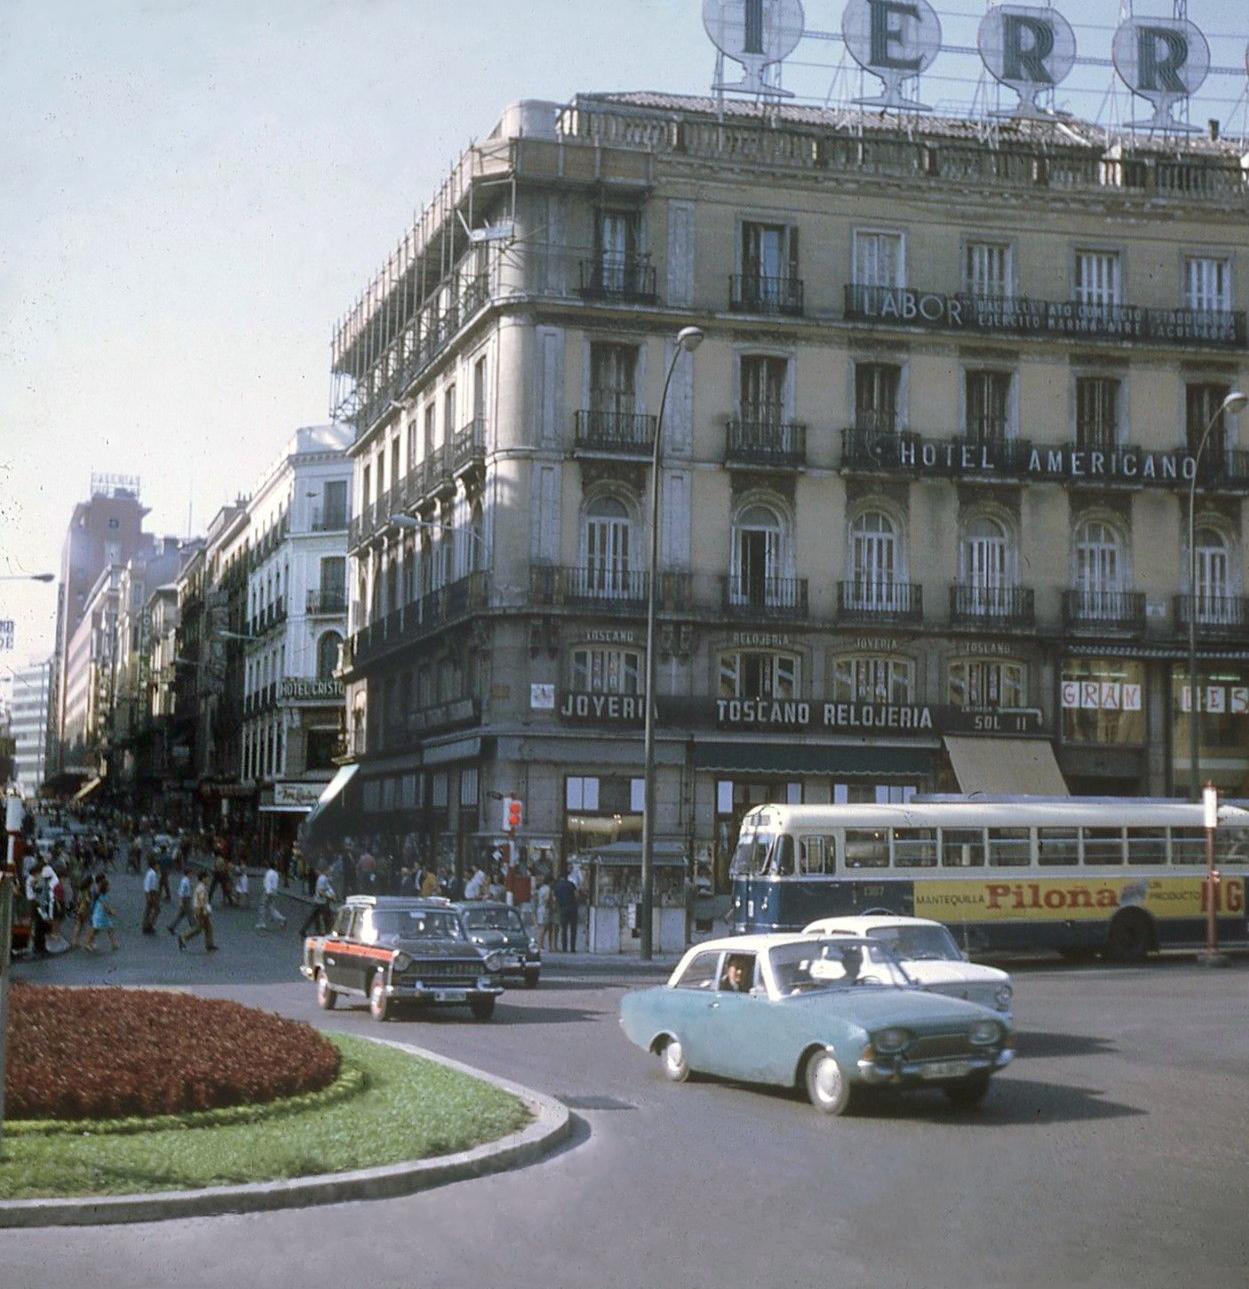 Transpress nz cars in plaza puerta del sol madrid spain for Plaza puerta del sol madrid spain